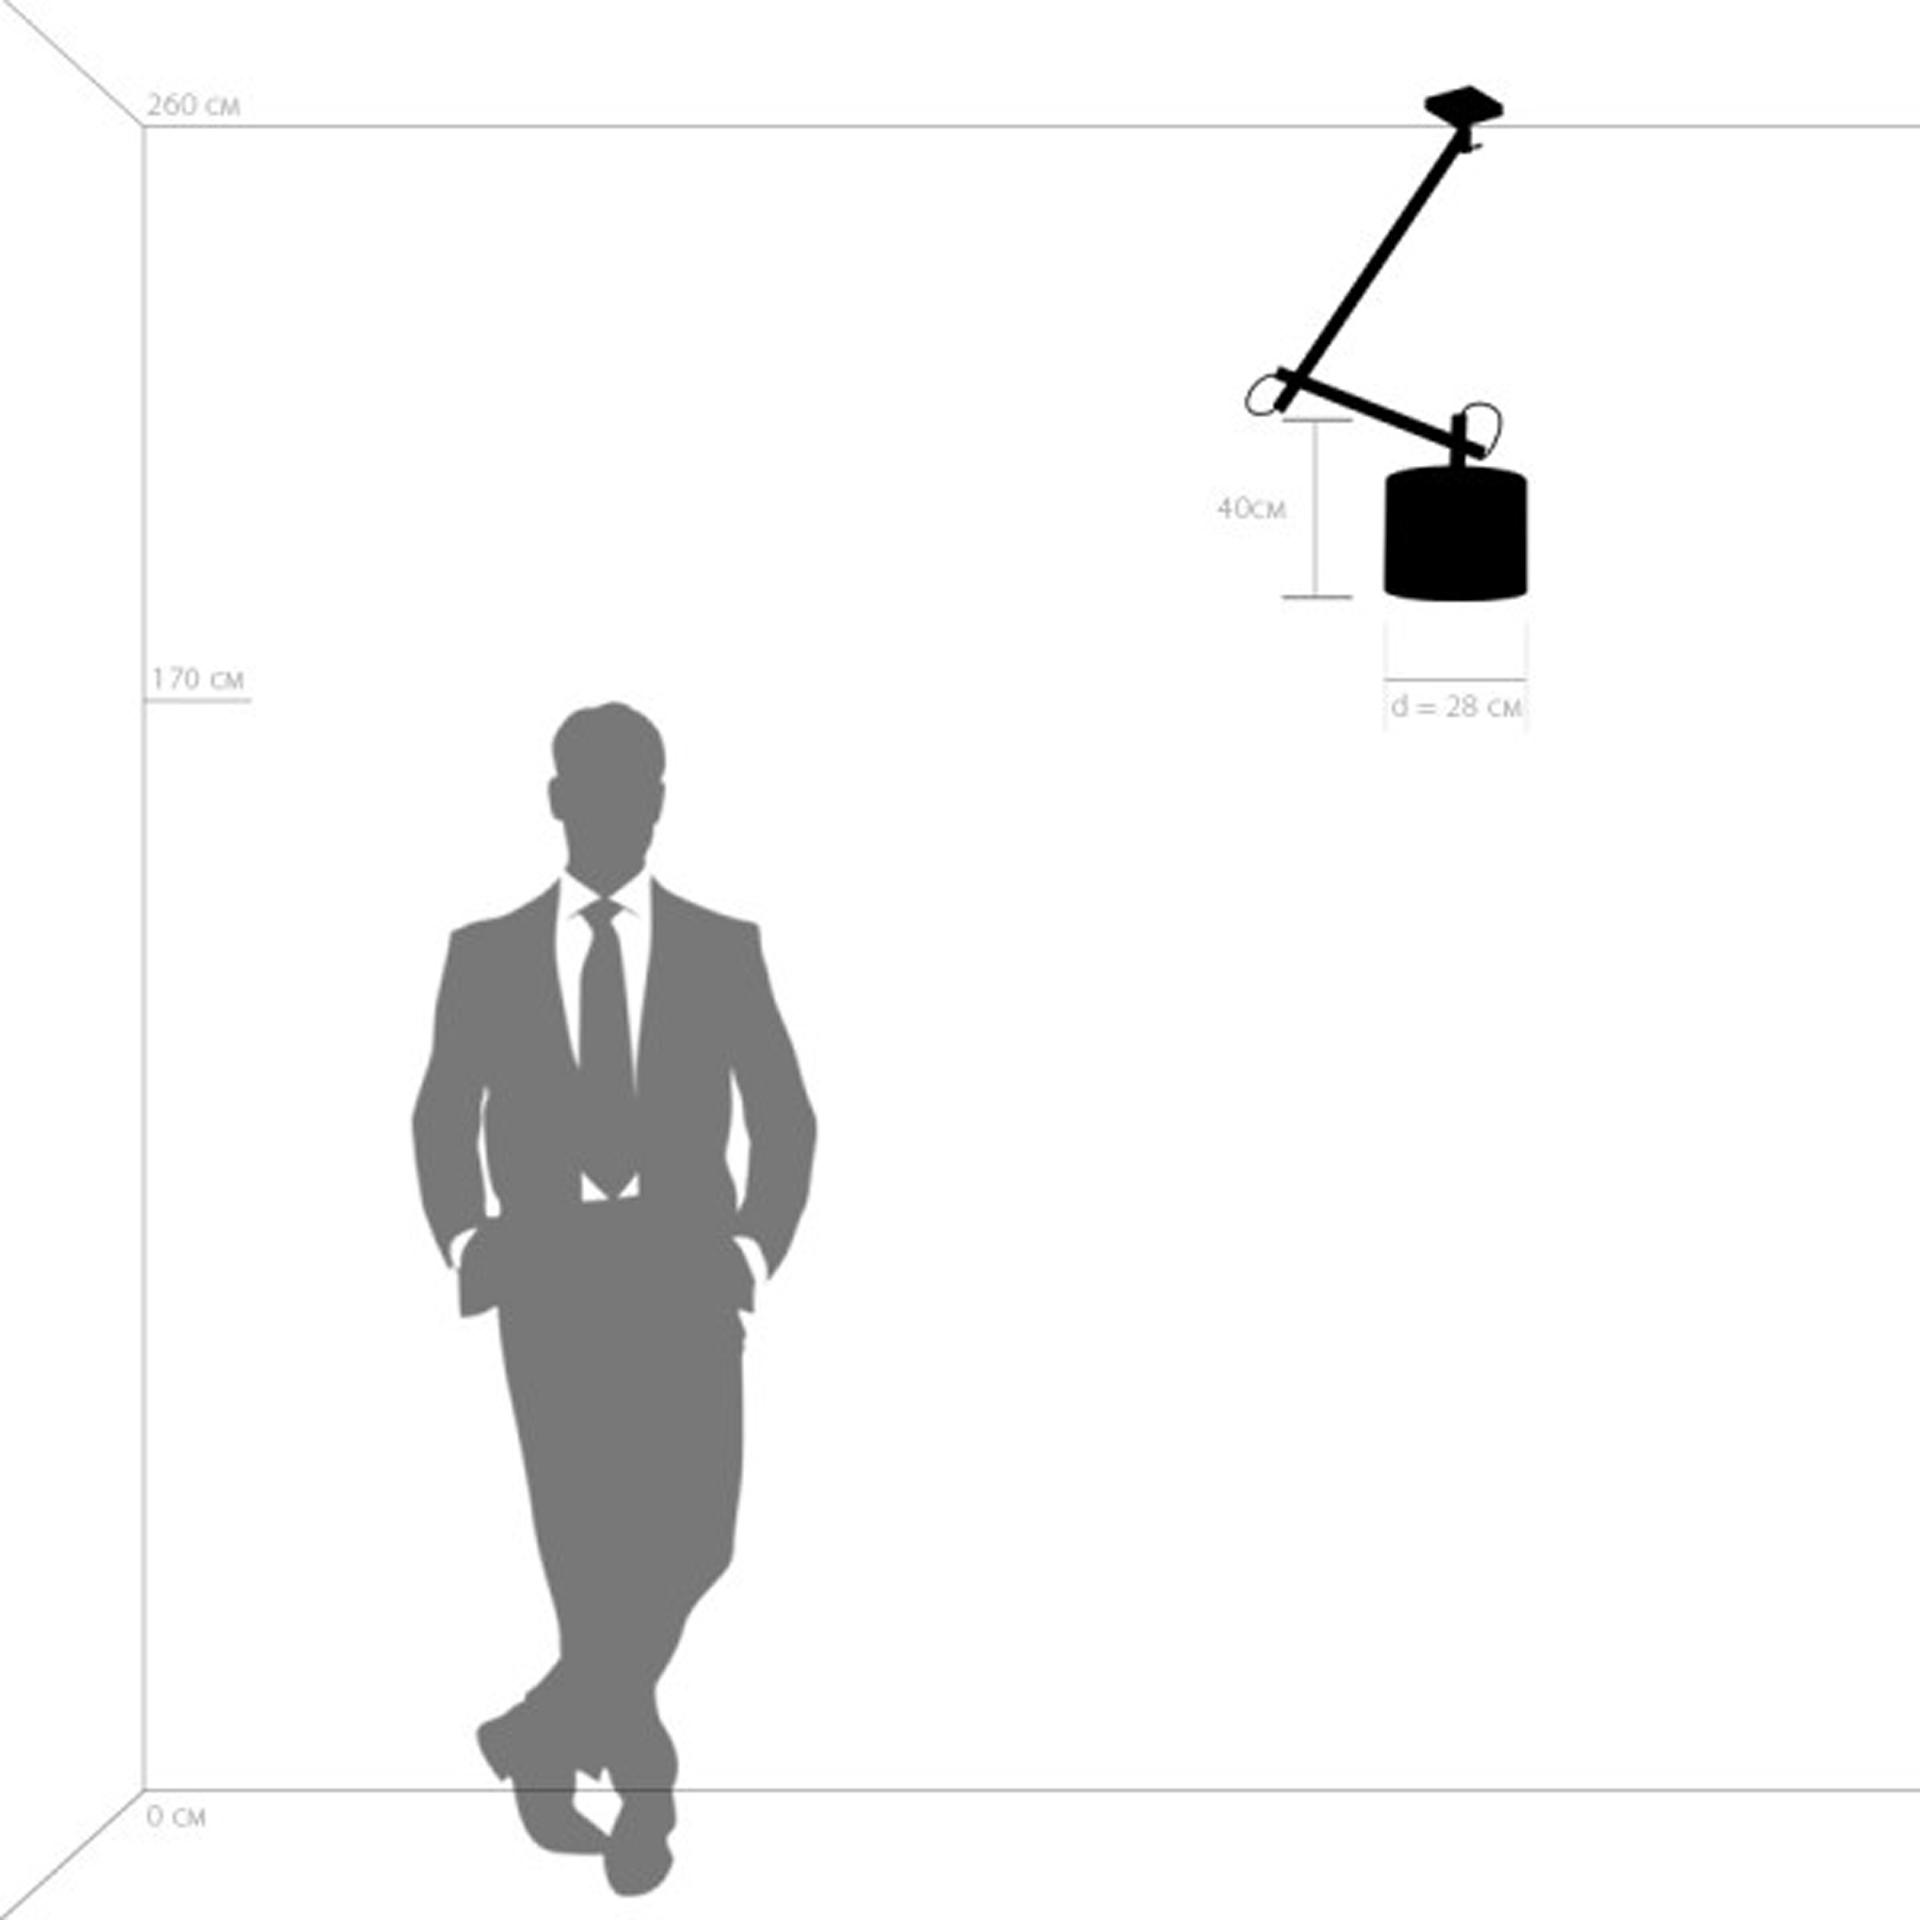 Люстра потолочная MECCANO 1х60W E27 хром / белый ткань Lightstar 766019, купить в СПб, Москве, с доставкой, Санкт-Петербург, интернет-магазин люстр и светильников Starlight, фото в жизни